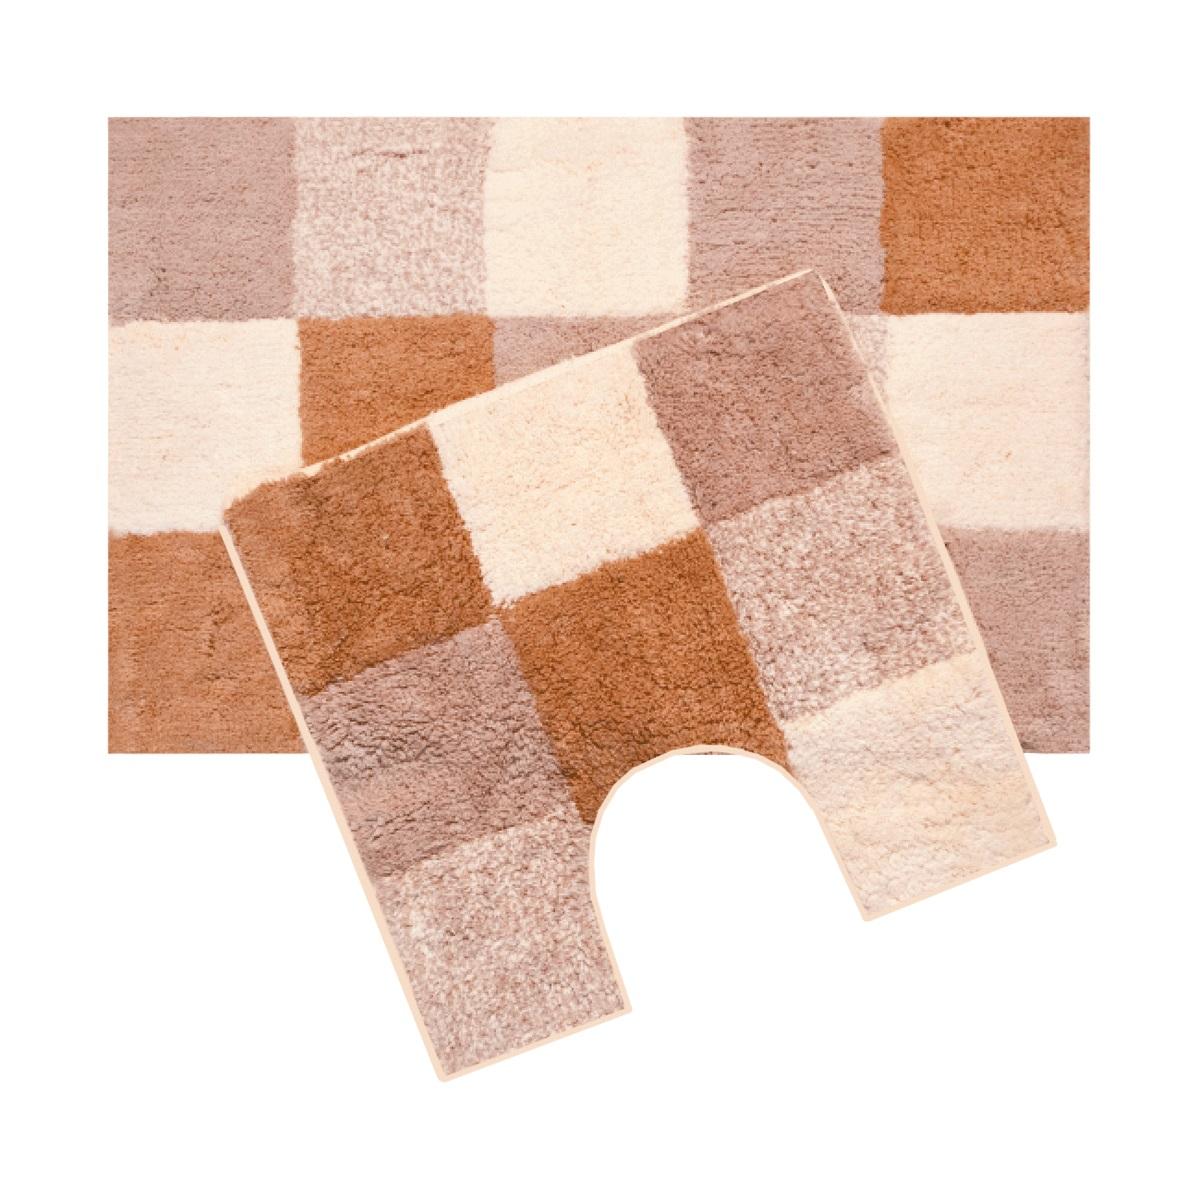 Набор ковриков для ванной Iddis Hopscotch, цвет: бежевый, 50 х 80 см, 50 х 50 см, 2 шт460M580i13100% Полиэстеровые тканные коврики для ванной комнаты 50*80+50*50 см. Высота ворса 2,5 см. На латексной подложке. Упаковка ПП пакет